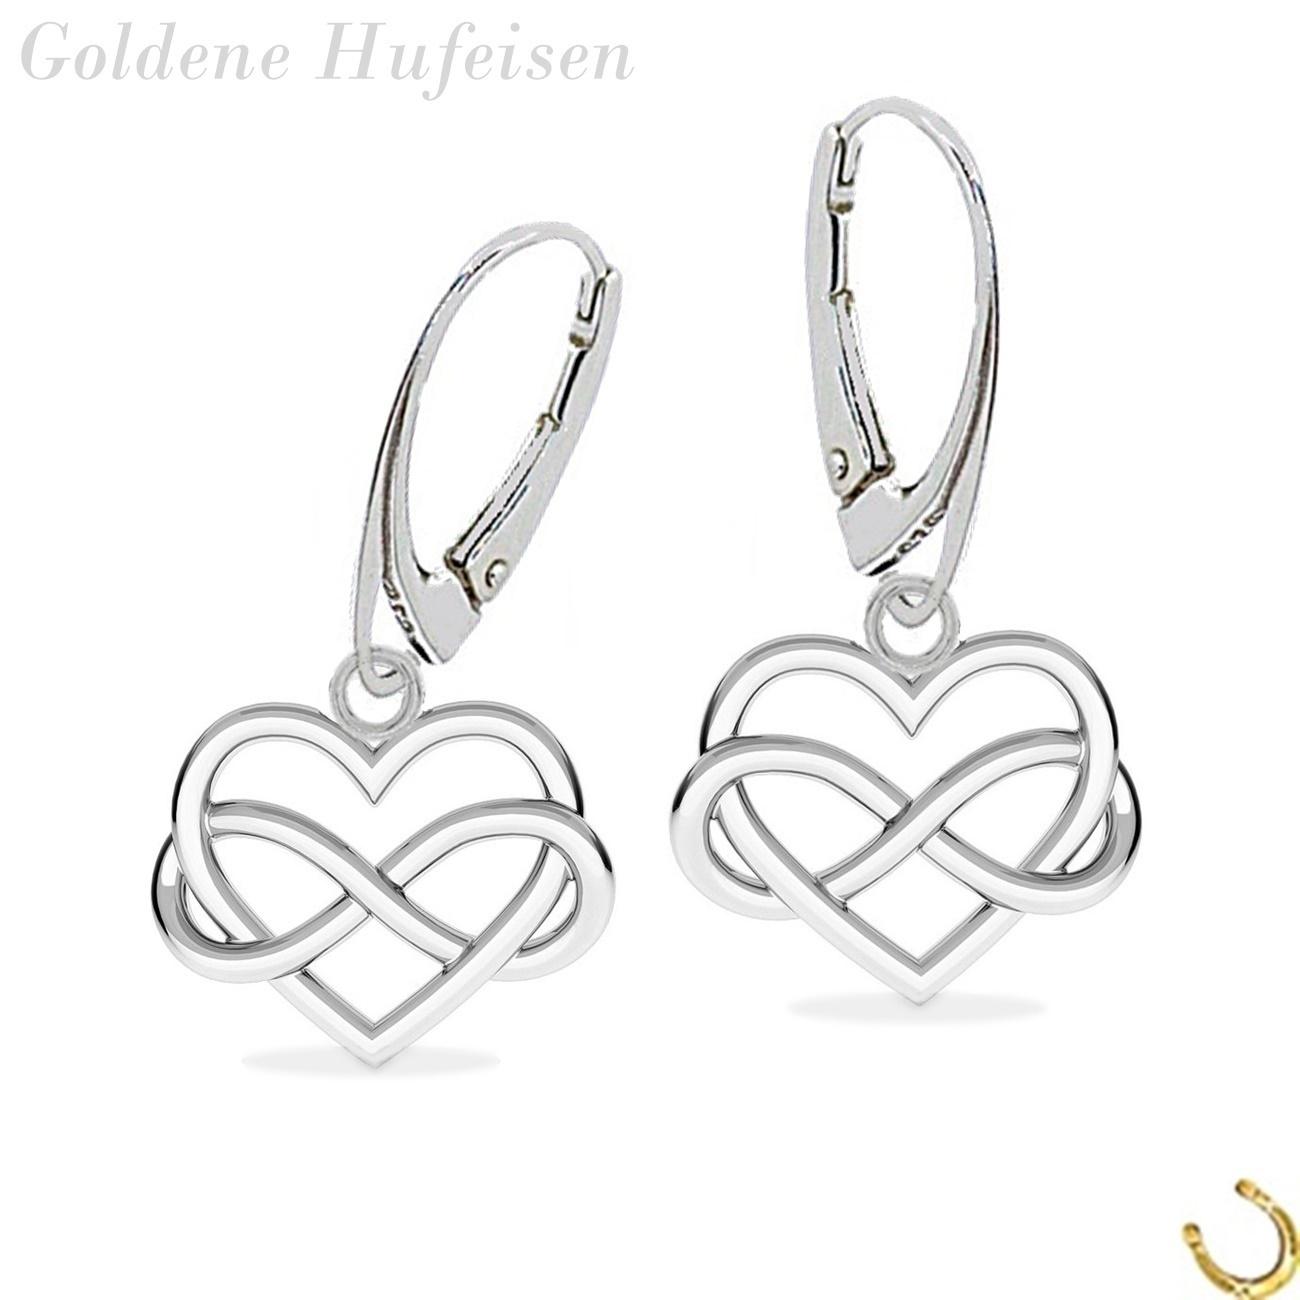 Schmuckset echt 925er Silber gold Ohrringe mit Halskette Herz Unendlichkeit Dame